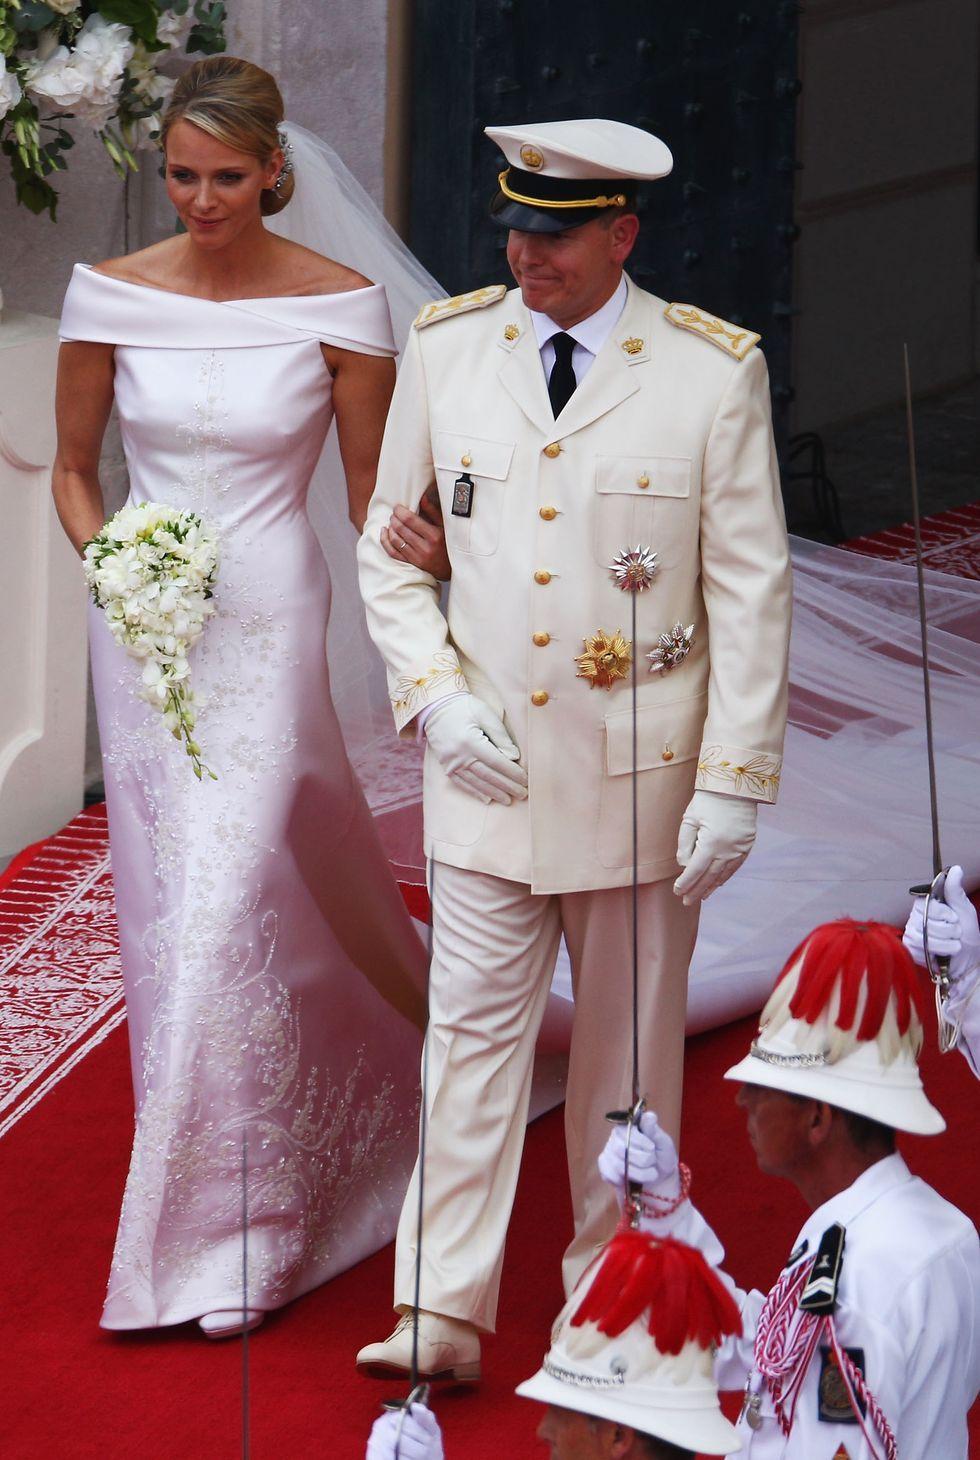 Putri Charlene Wittstock dan Pangeran Albert II Monako